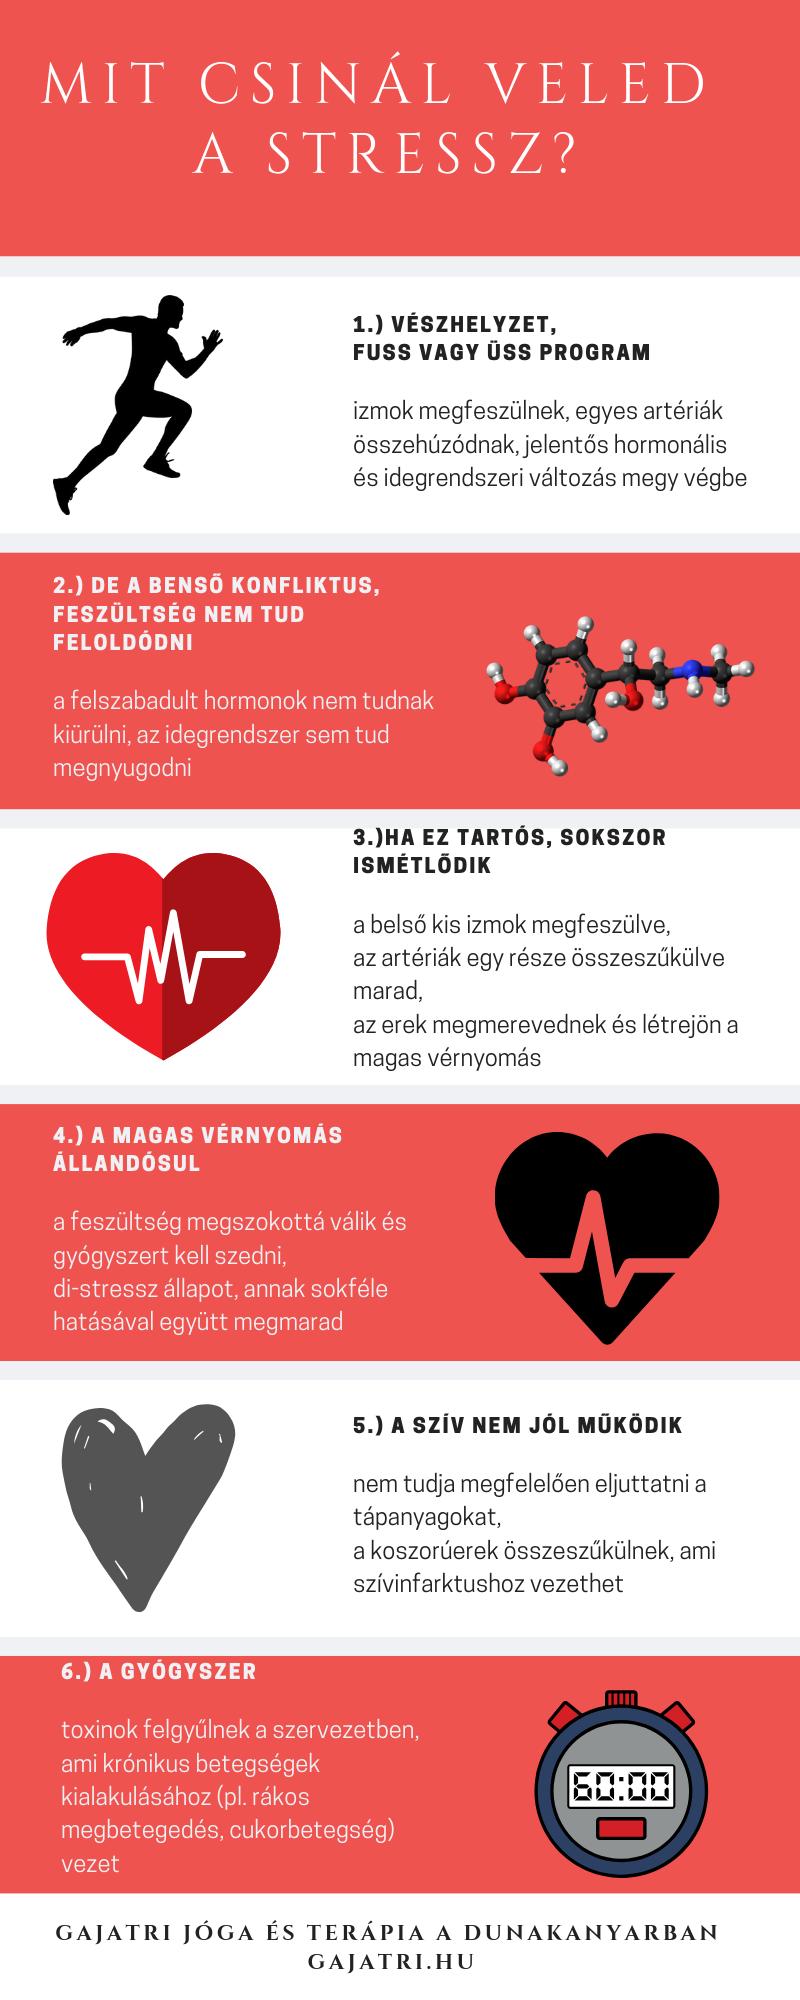 újonnan diagnosztizált magas vérnyomás a hipertónia receptjeinek alternatív kezelése